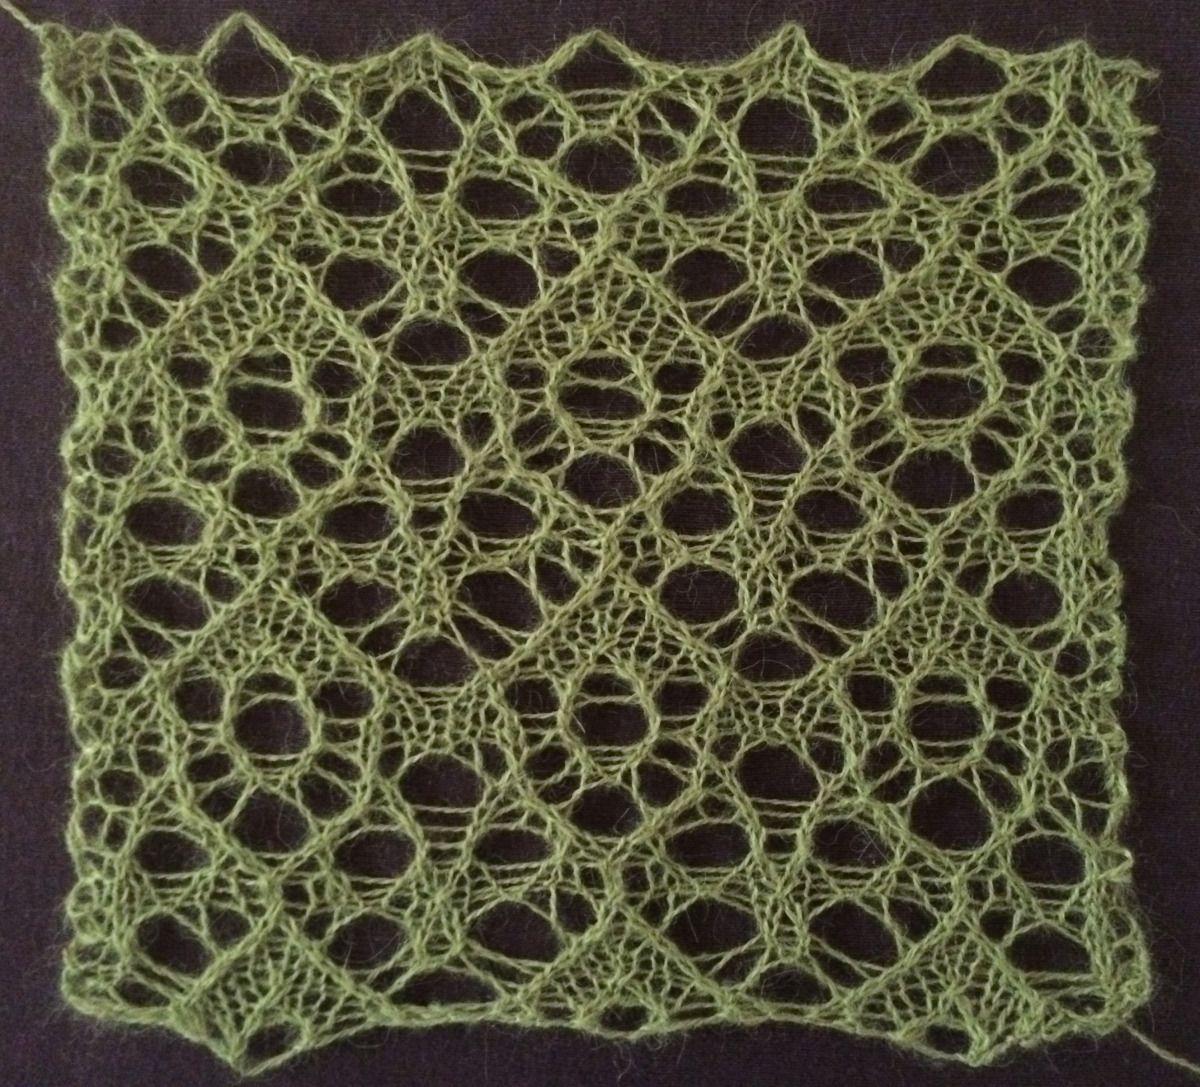 Fruitbat: a free lace knitting stitch pattern. | Bats, Knitting ...